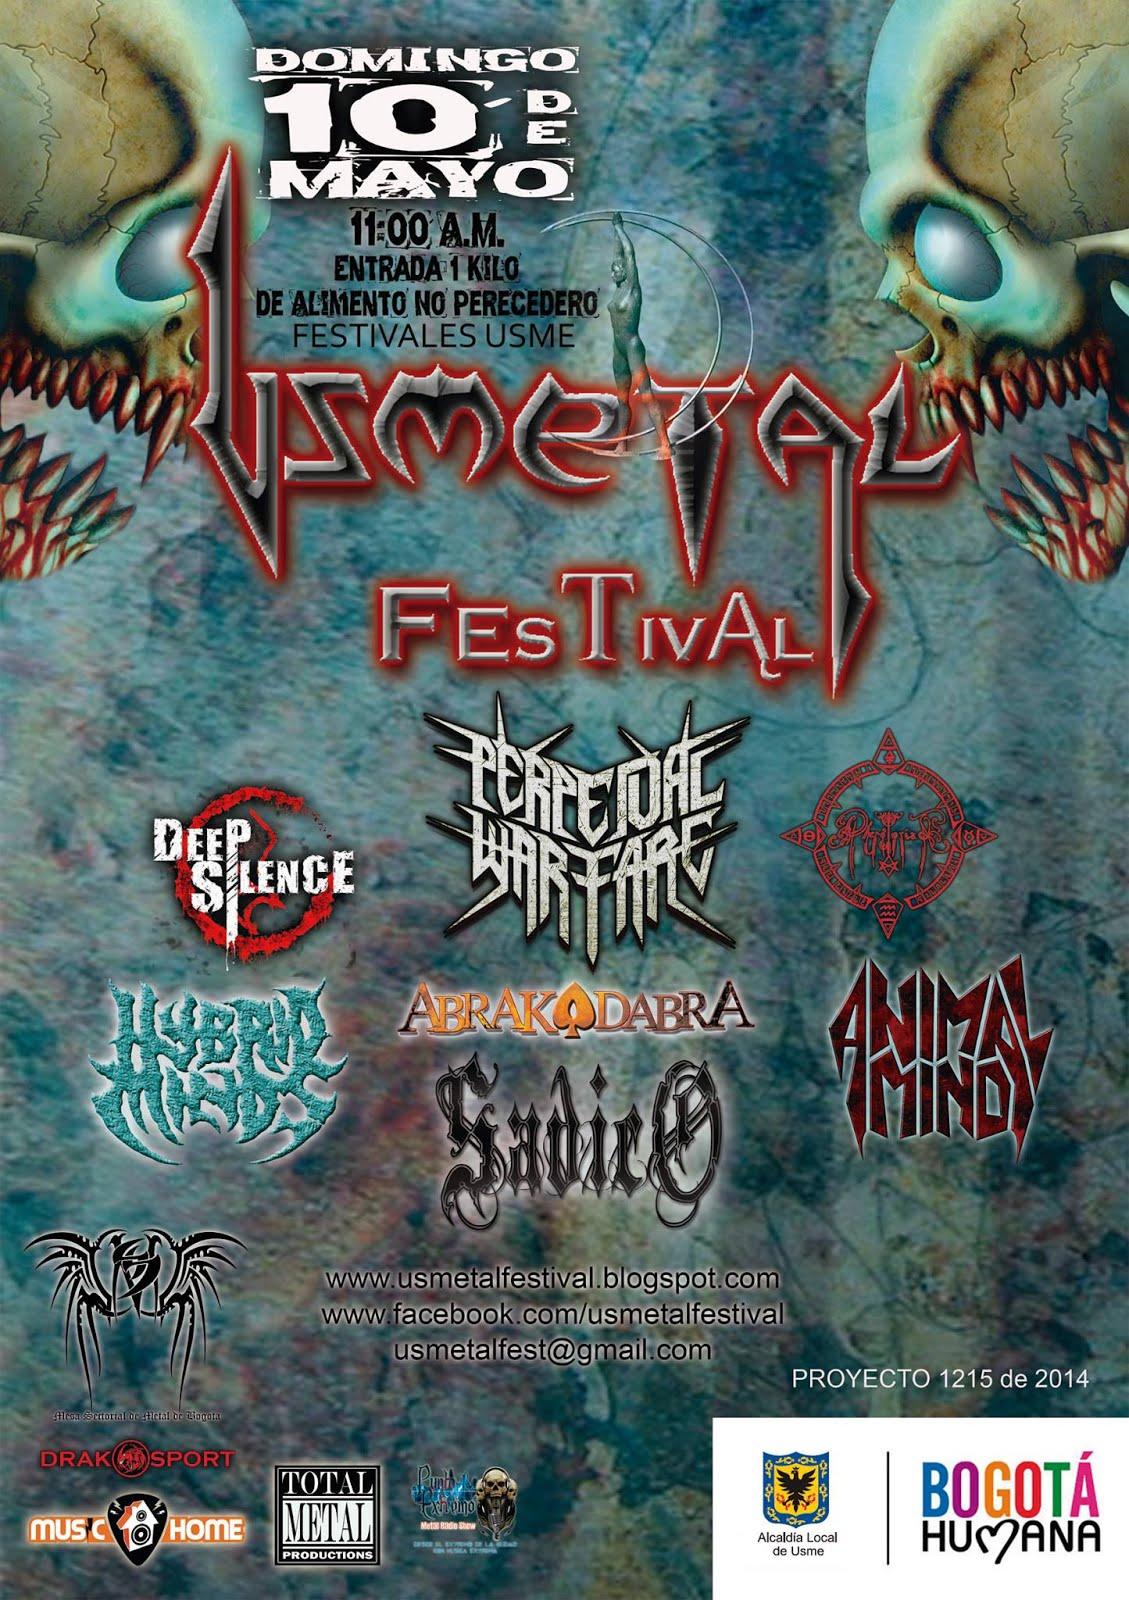 Usmetal Festival 2015